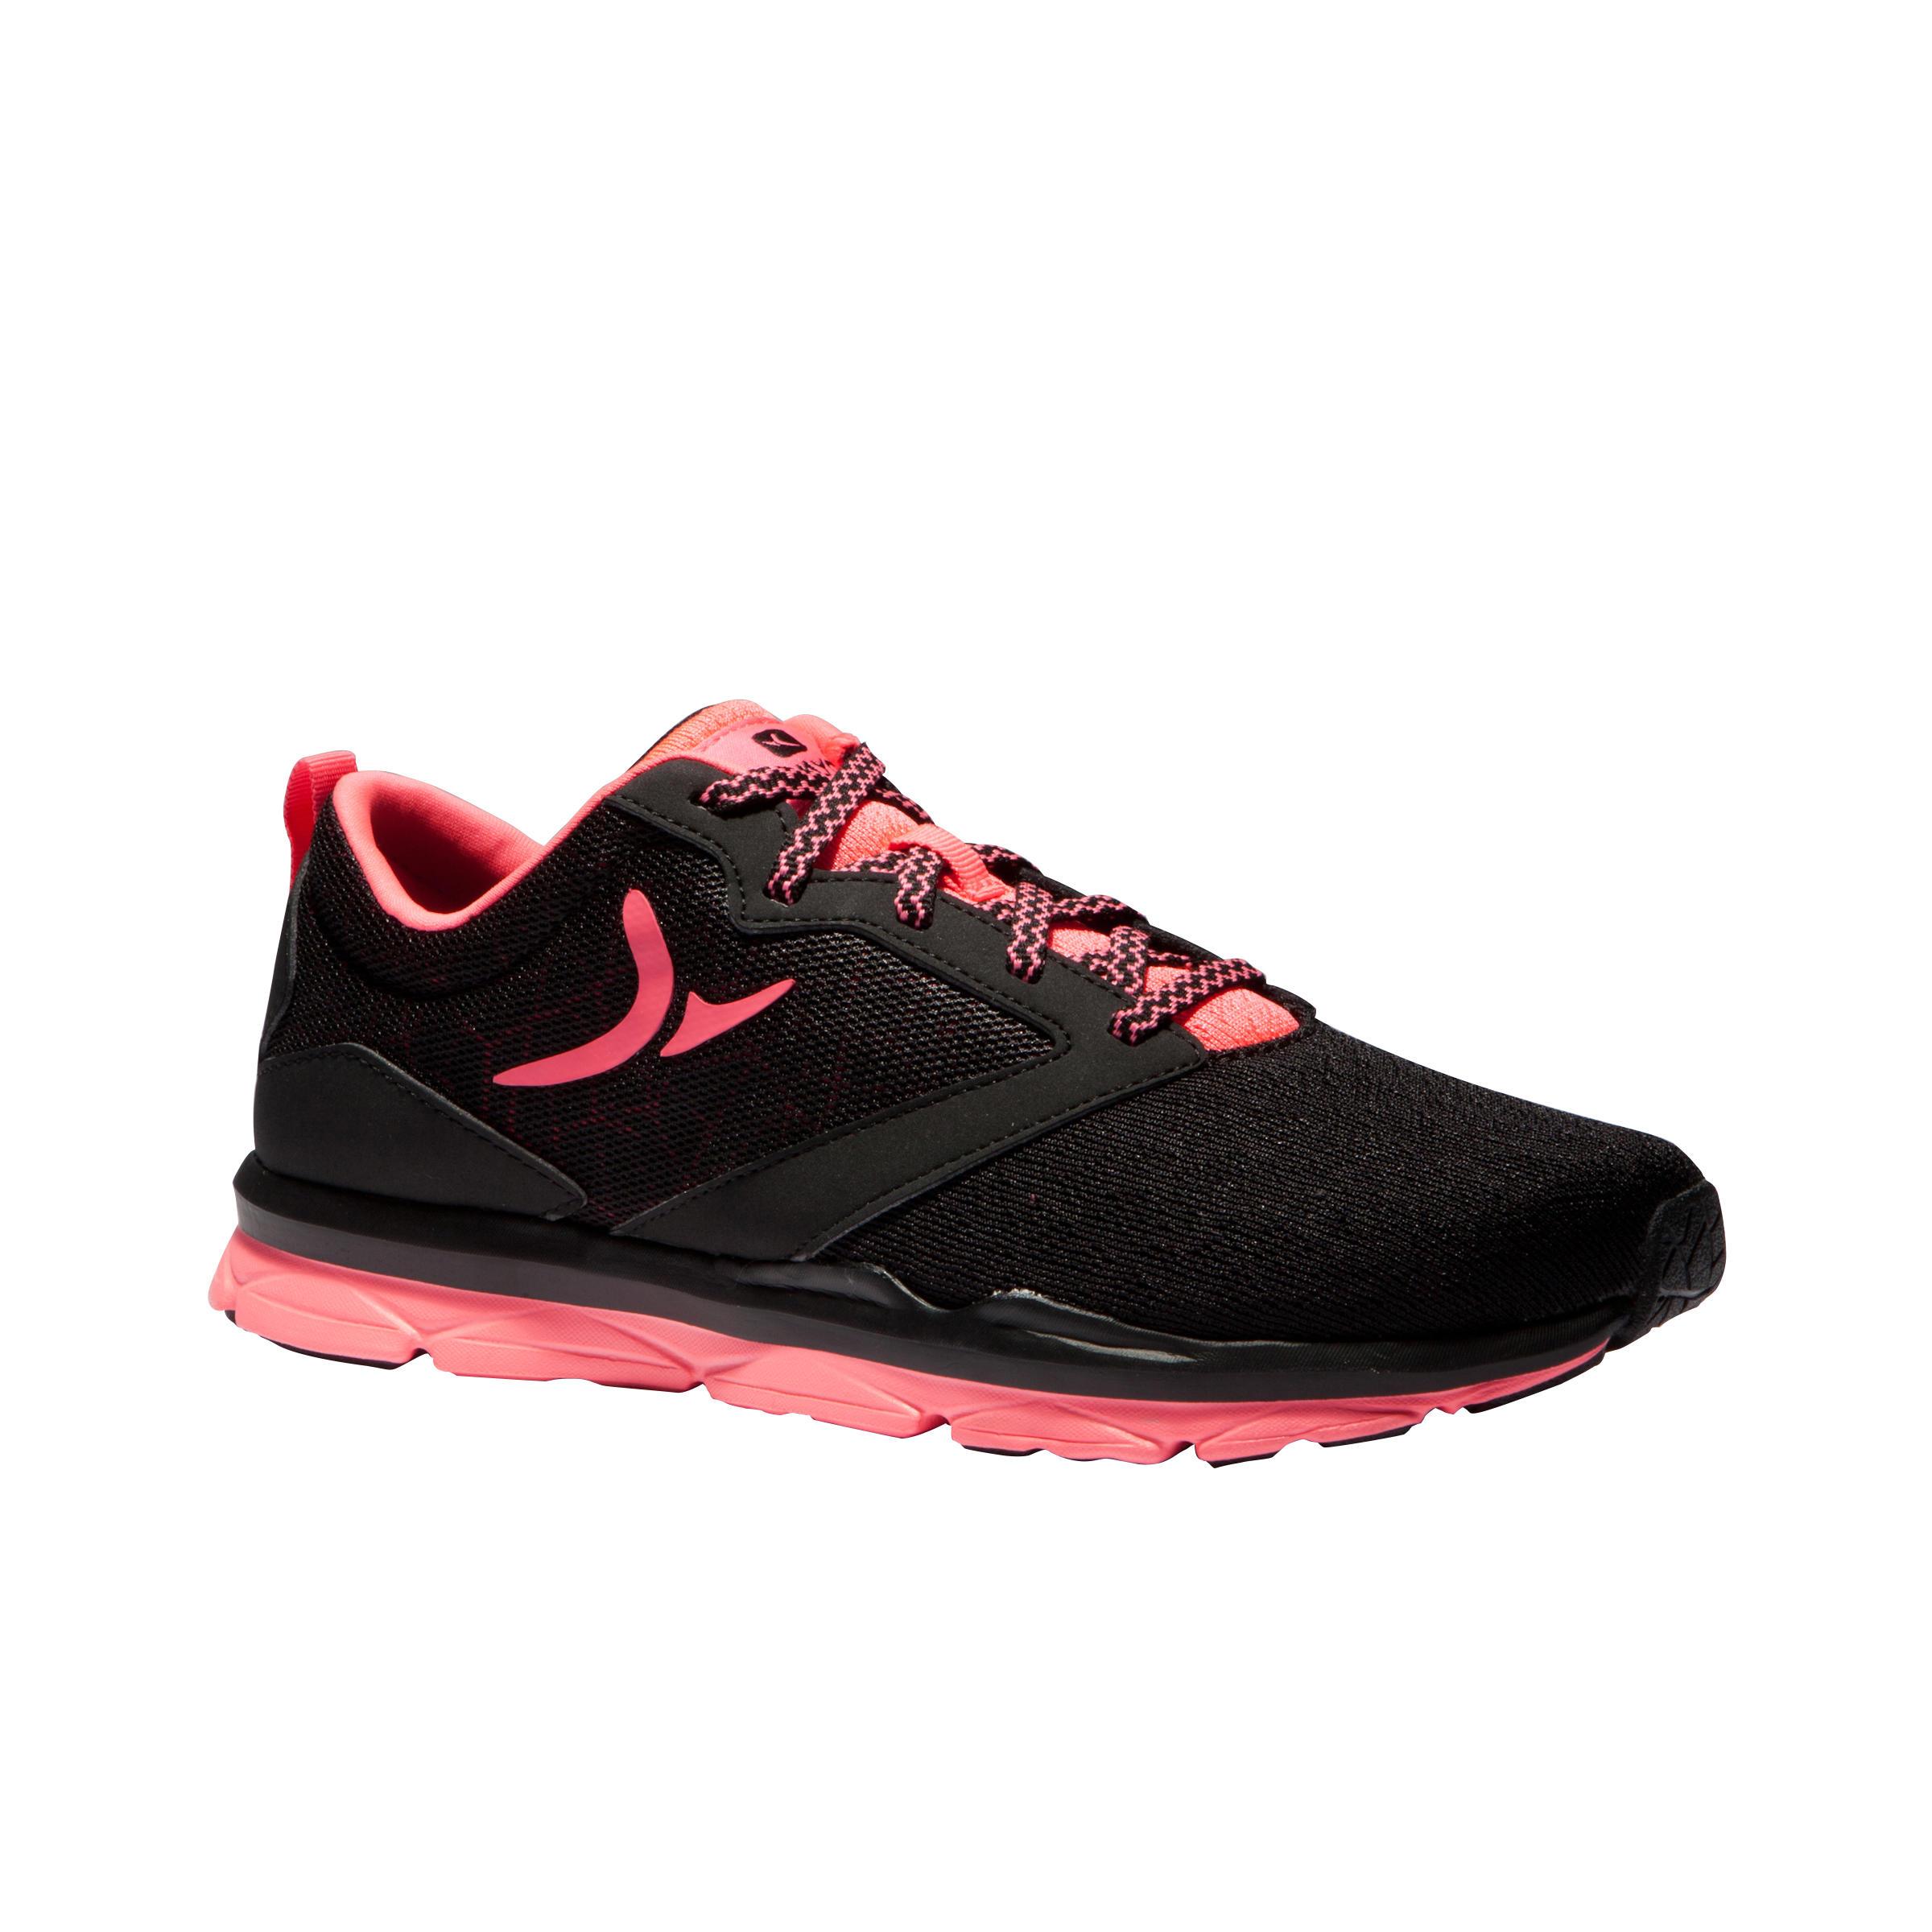 Rose Cardio Femme 500 Chaussures D'entraînement Noir Et W29EDHIY